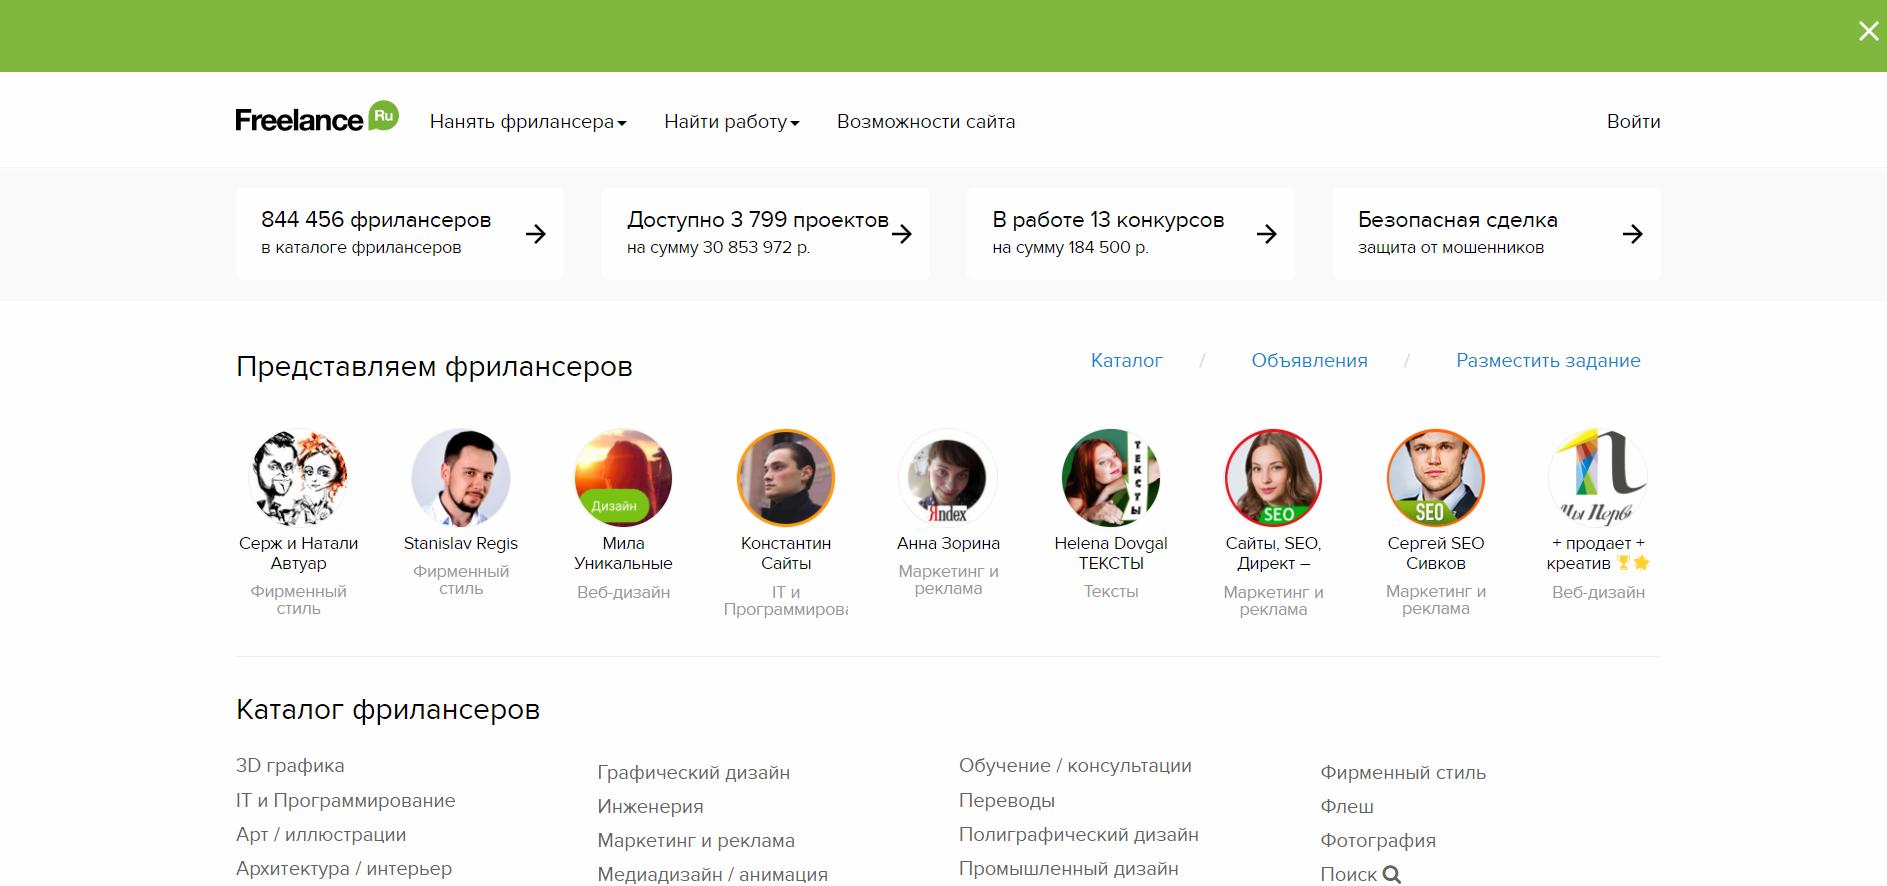 Популярные фриланс сайты дмитрий смола фриланс